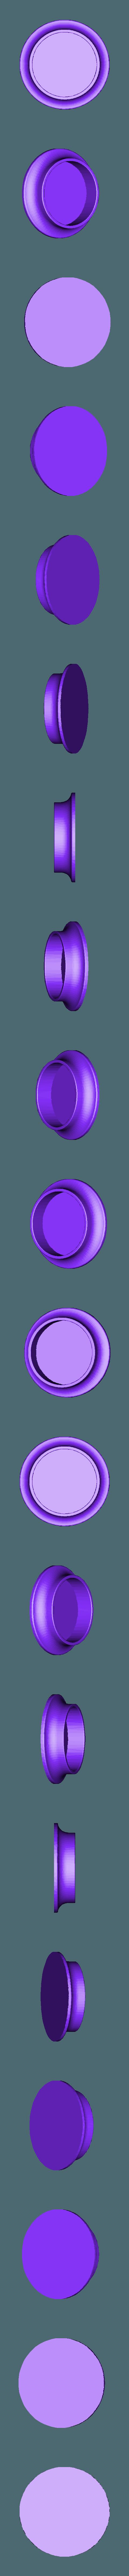 Bote grande - Base.STL Télécharger fichier STL gratuit Pot à cactus • Plan pour imprimante 3D, SnakeCreations